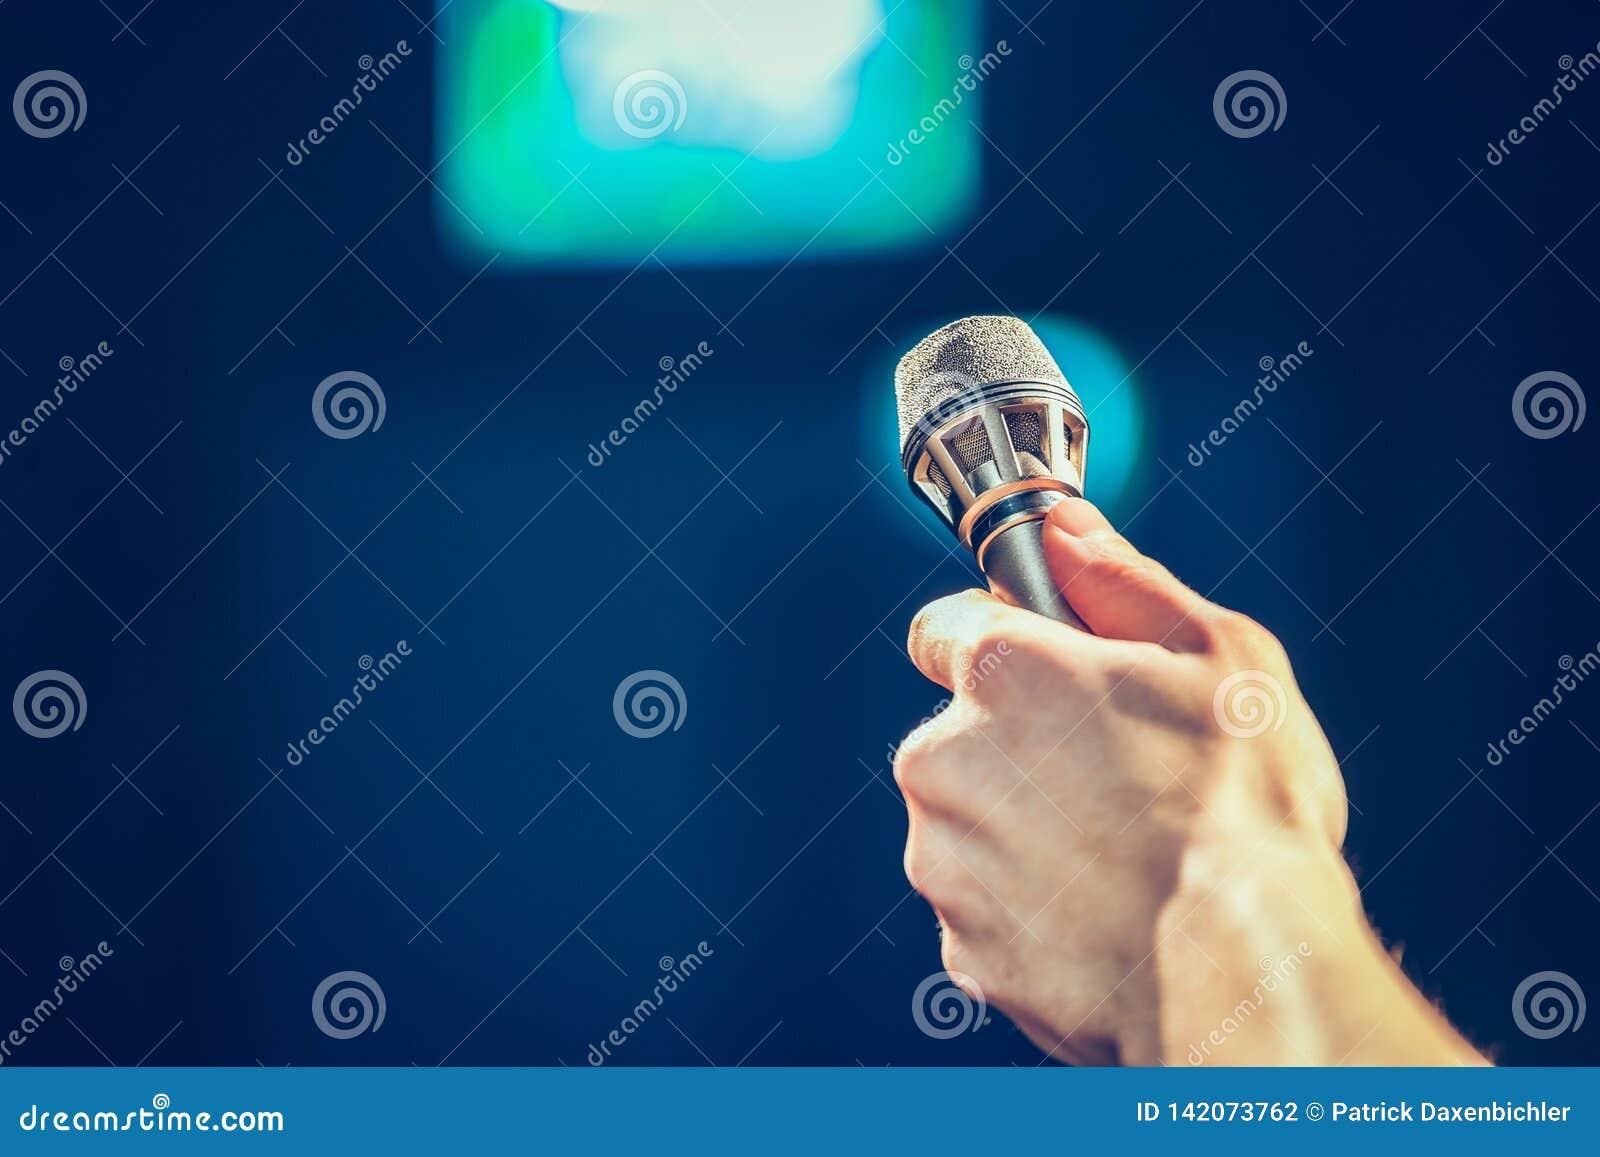 Personen spela golfboll i hål upp en mikrofon för en intervju